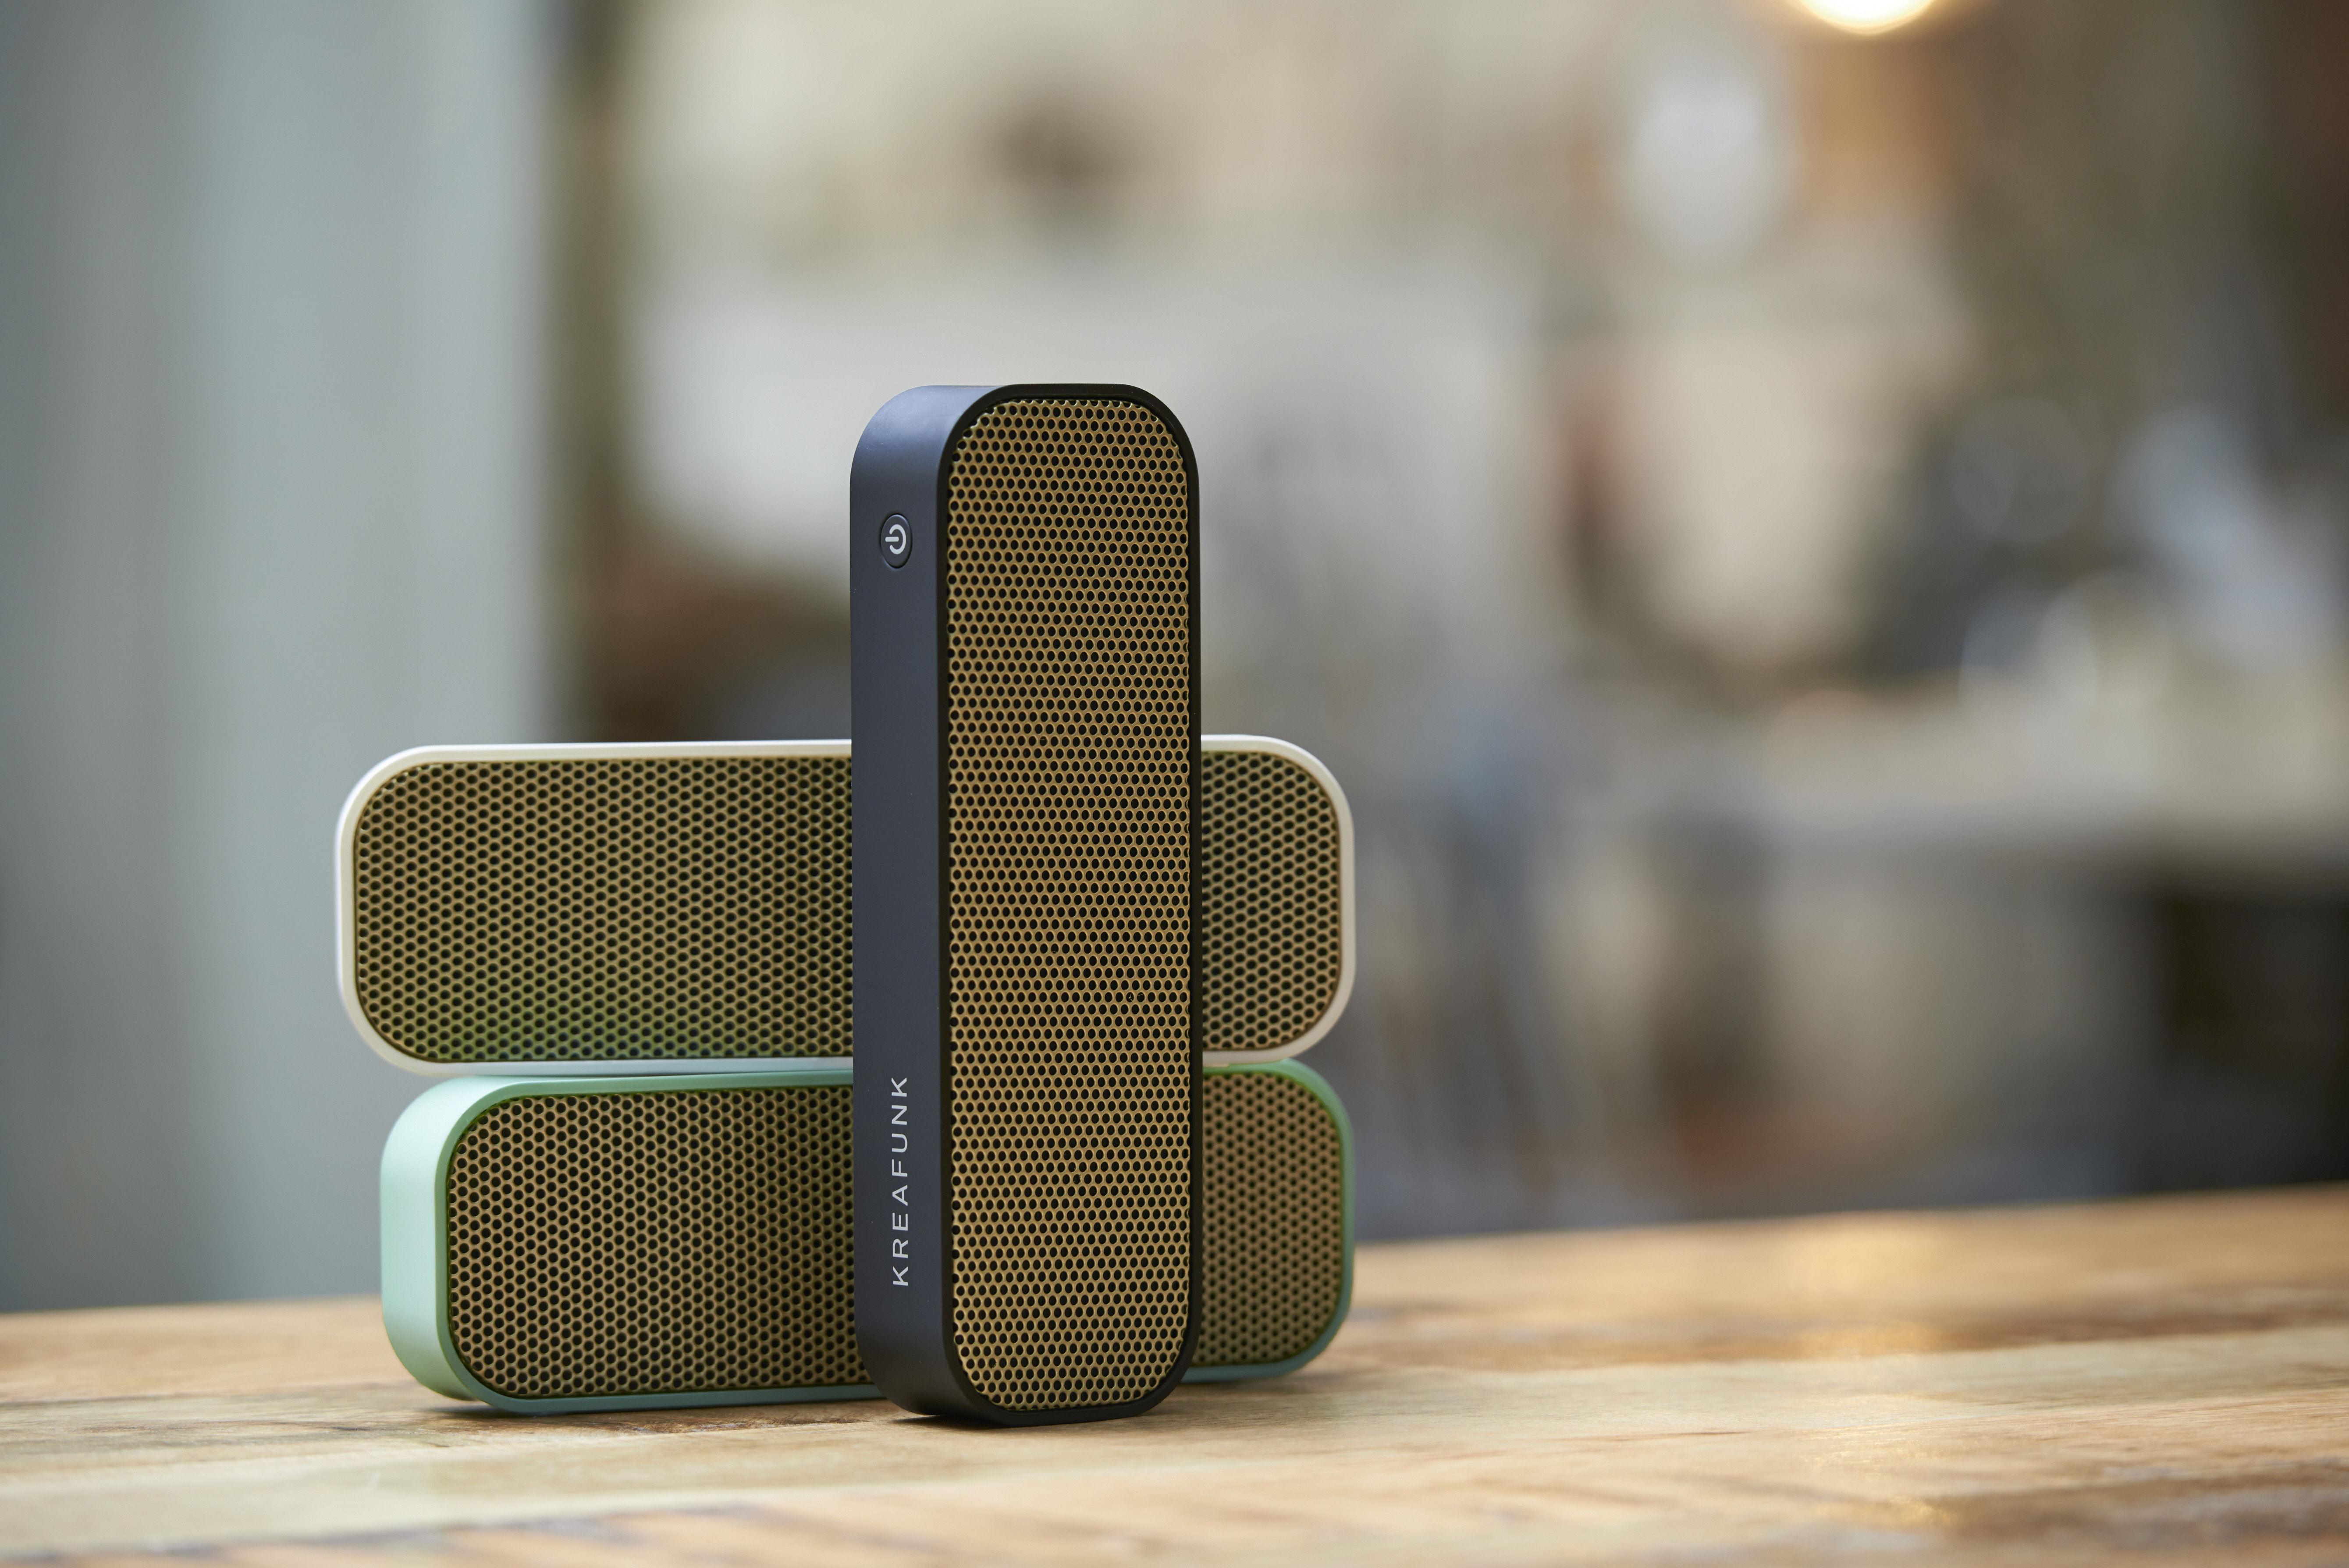 enceinte bluetooth agroove portable sans fil noir or kreafunk. Black Bedroom Furniture Sets. Home Design Ideas